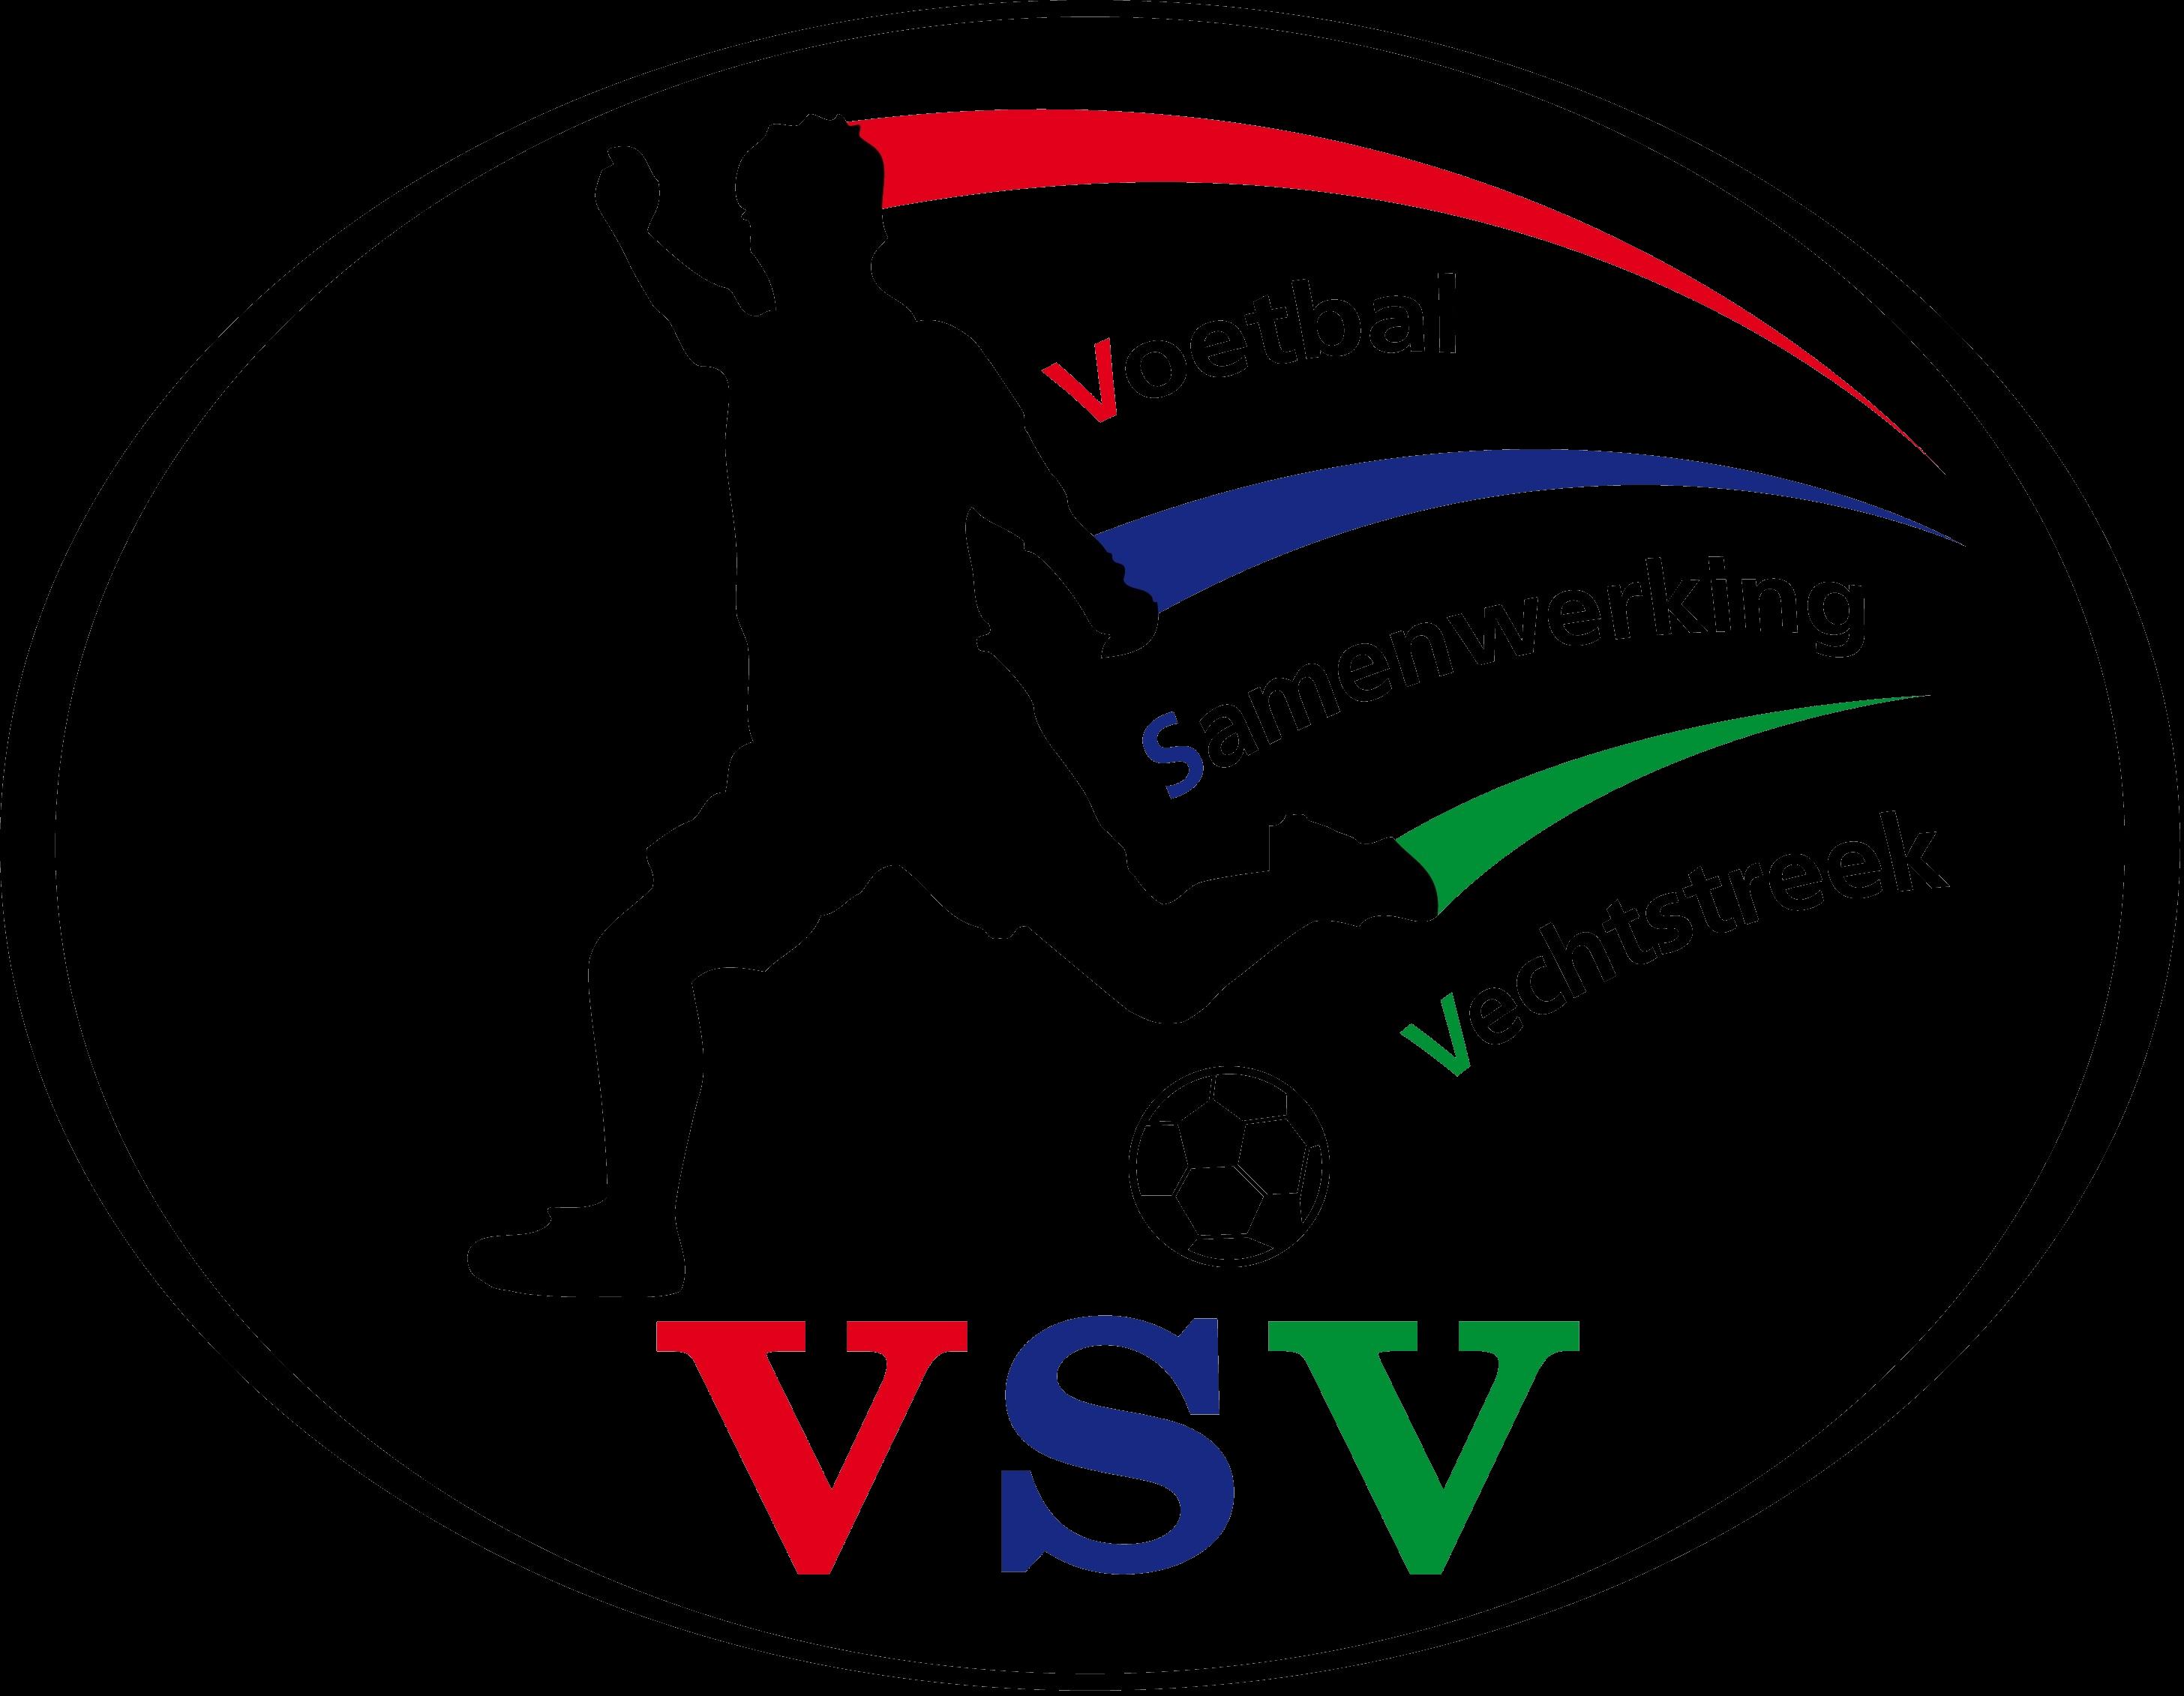 Stichting VSV